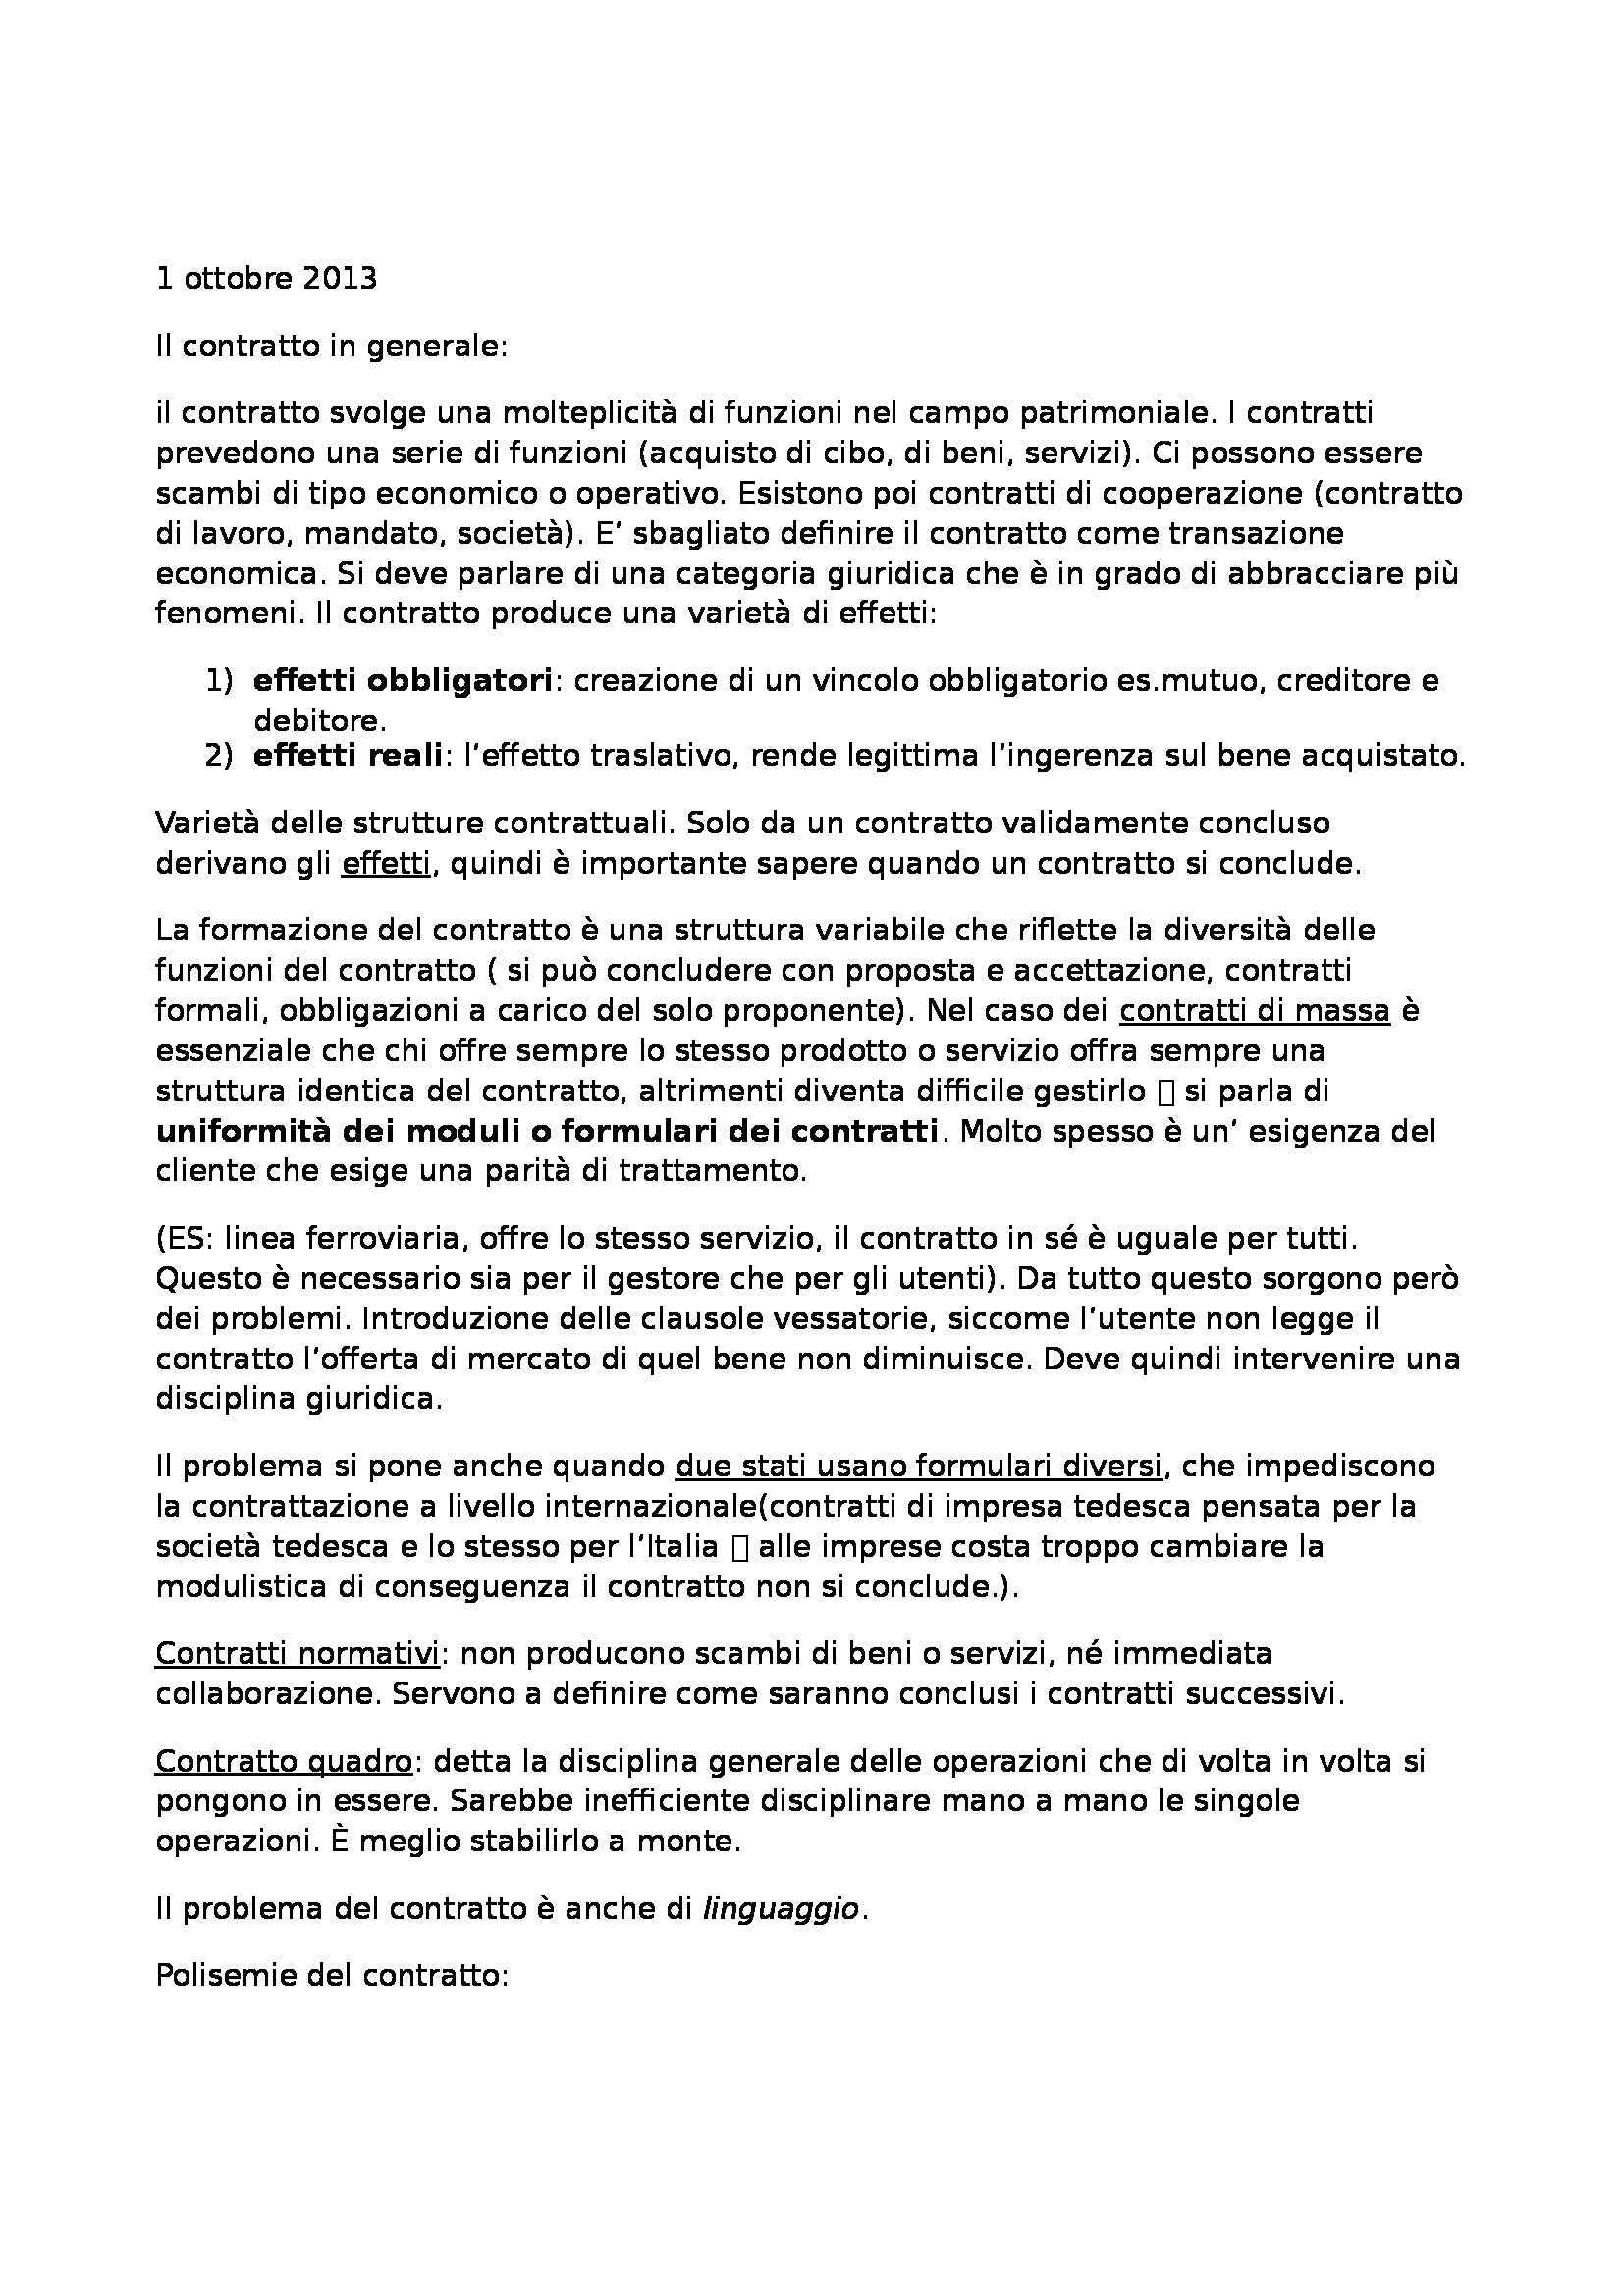 Diritto civile I - Lezioni e appunti